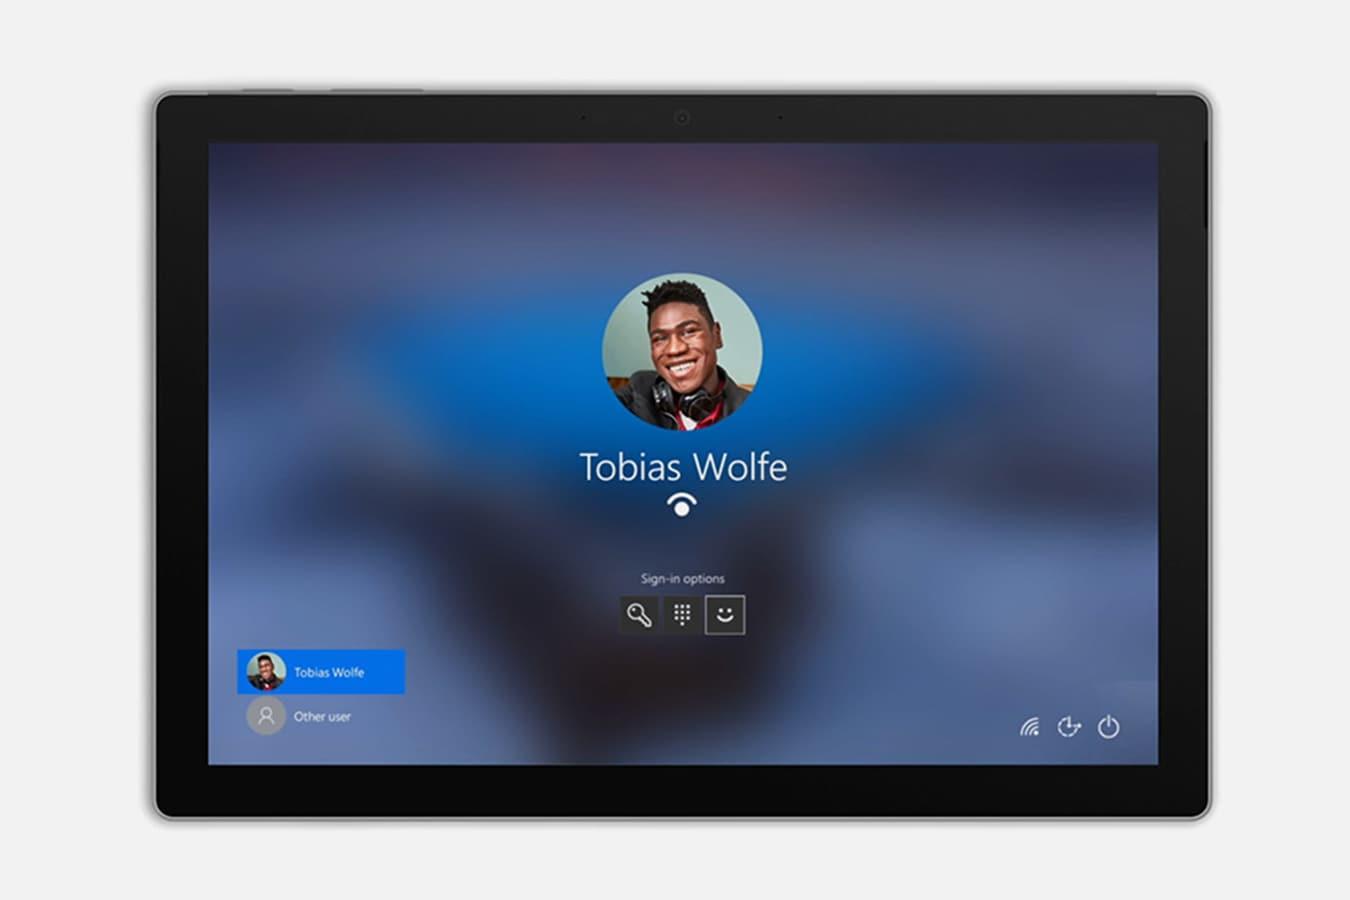 Surface Pro 7 que muestra la pantalla de inicio de sesión